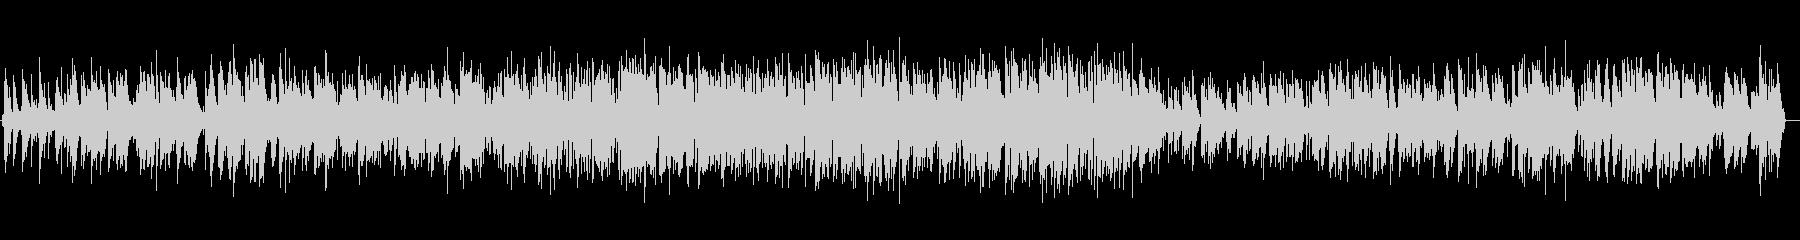 唱歌のジャズワルツの未再生の波形